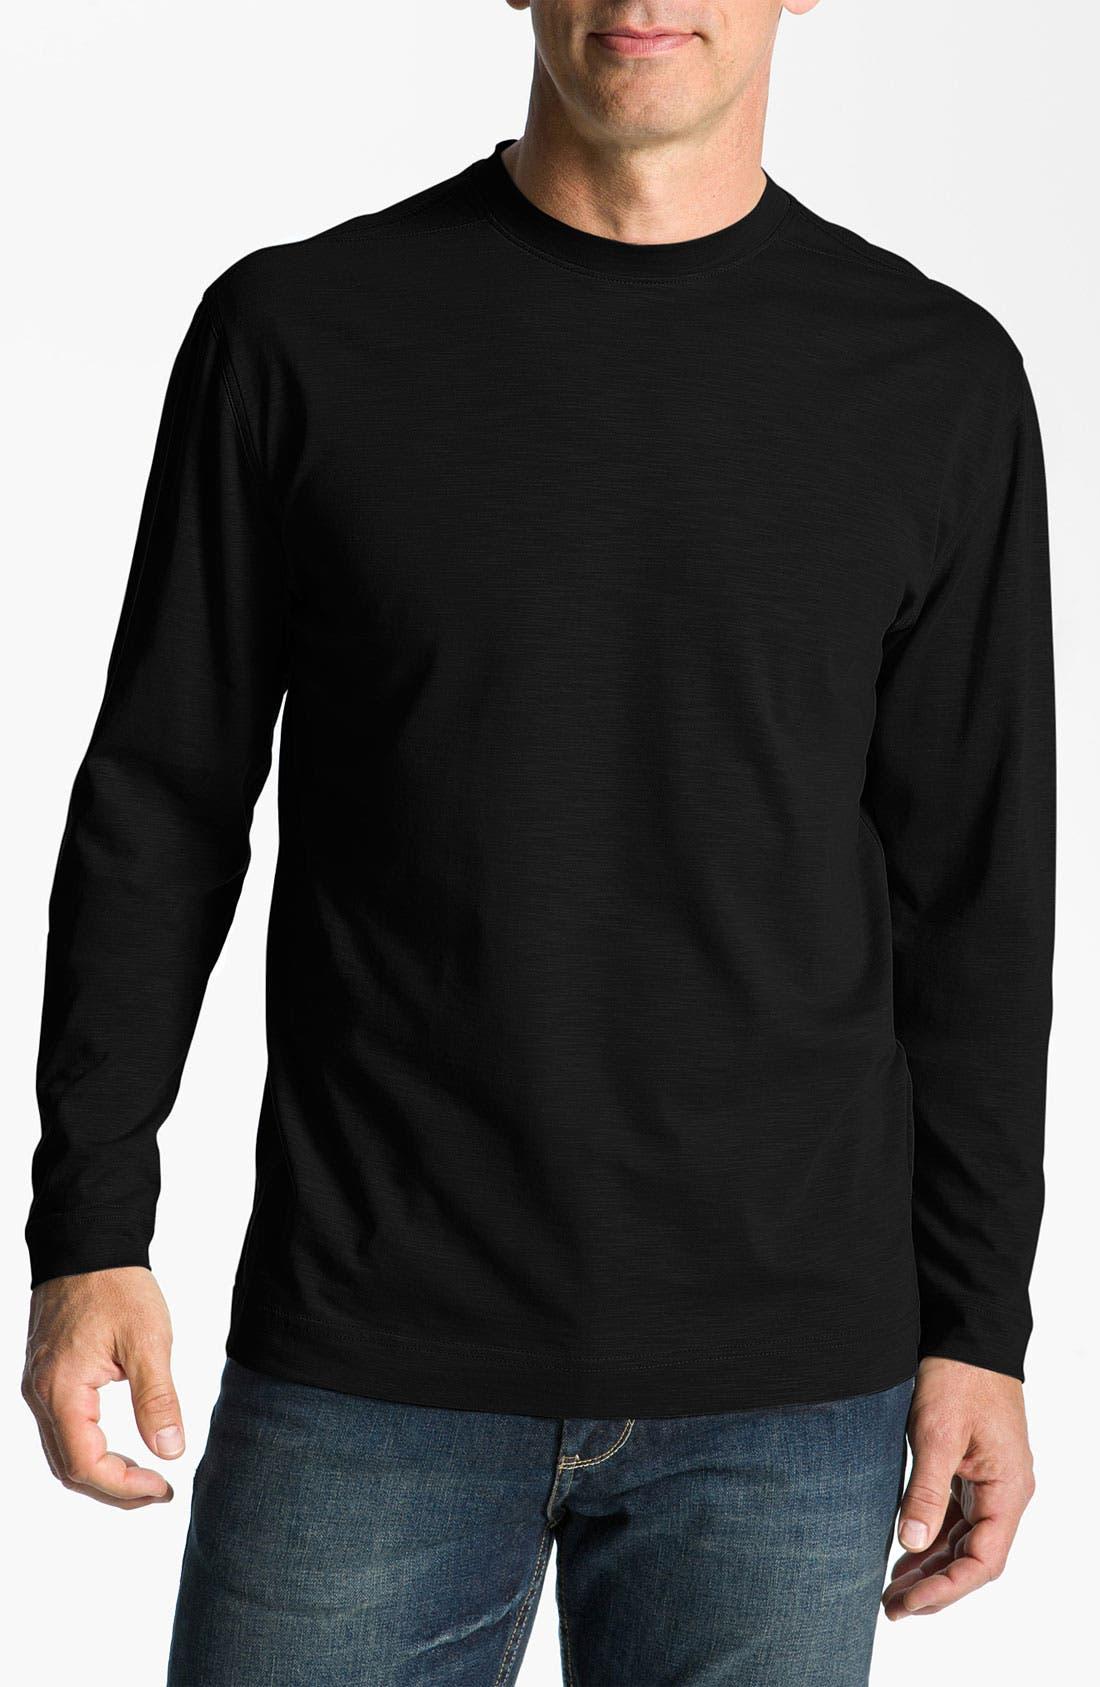 Alternate Image 1 Selected - Cutter & Buck 'Winthrop' T-Shirt (Big & Tall)